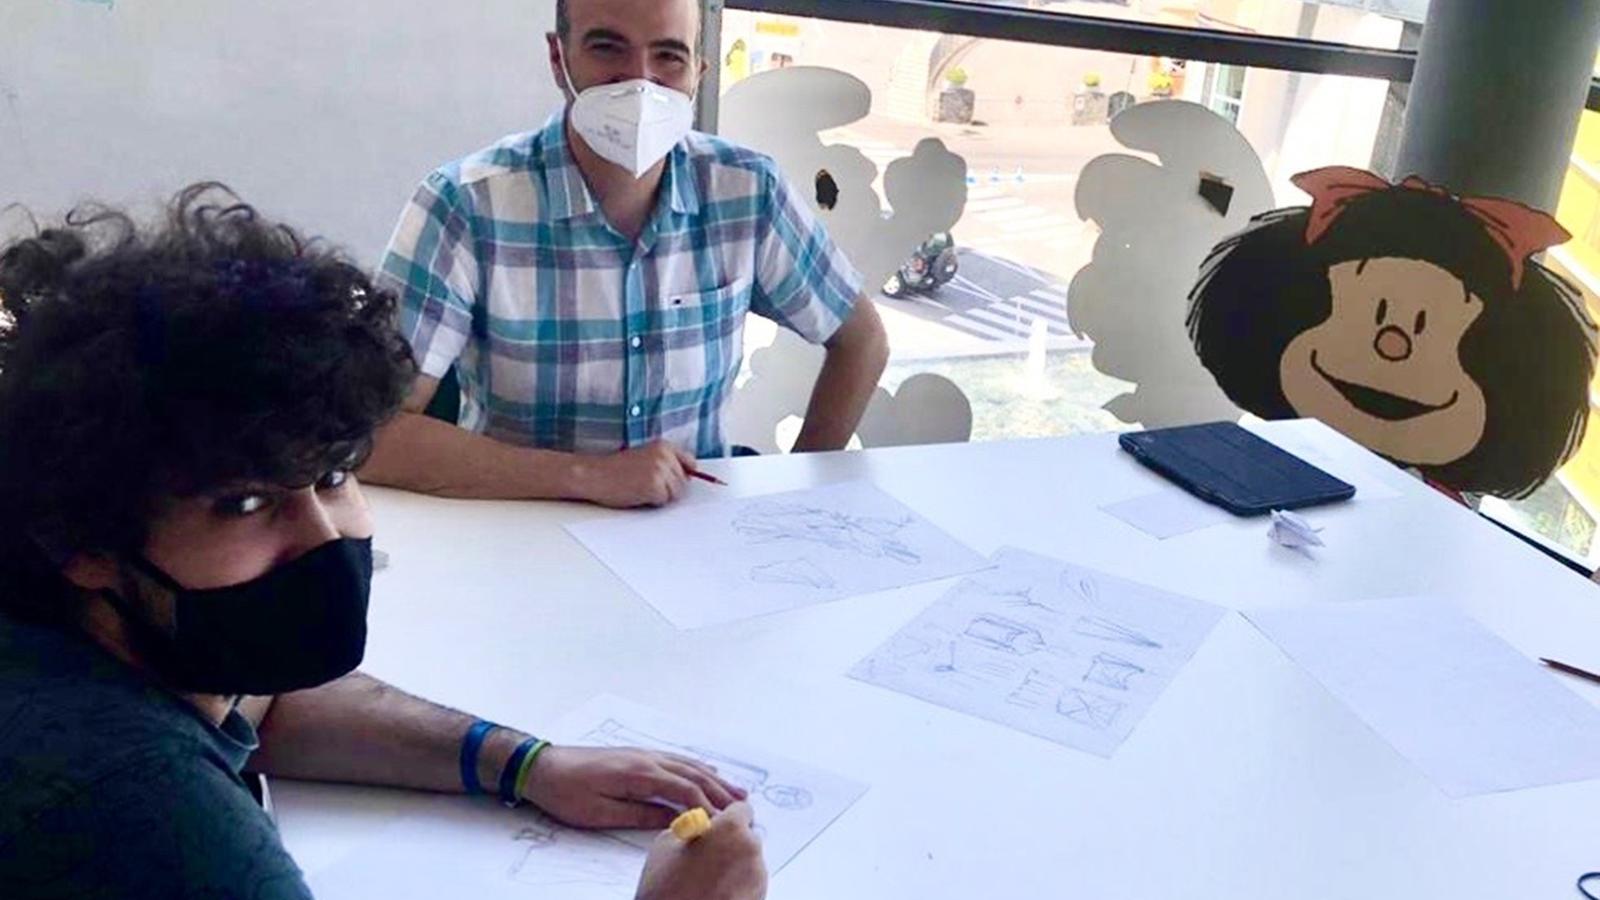 Instant d'una classe impartida per Jordi Planellas. / AUTEA